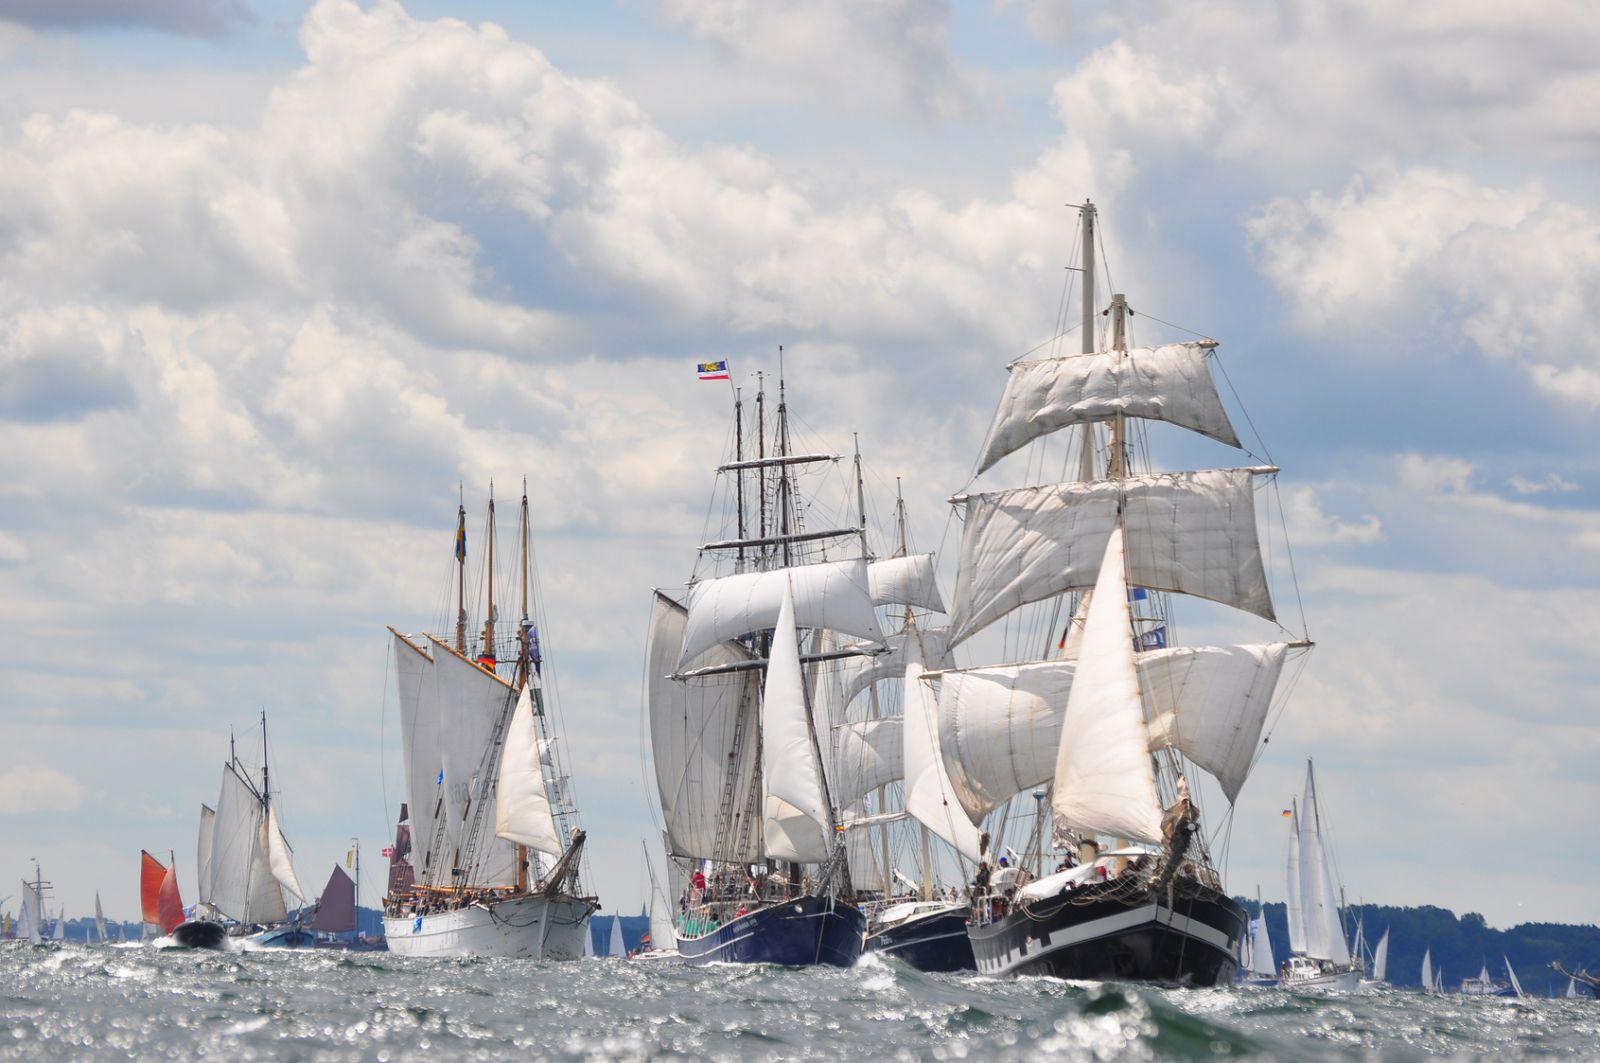 Hafenfeste bieten auch Gelegenheit, sich historische Schiffe ganz nah anzuschauen, an Bord zu gehen und sogar auf ihnen zu fahren. ©fujipe/AdobeStock